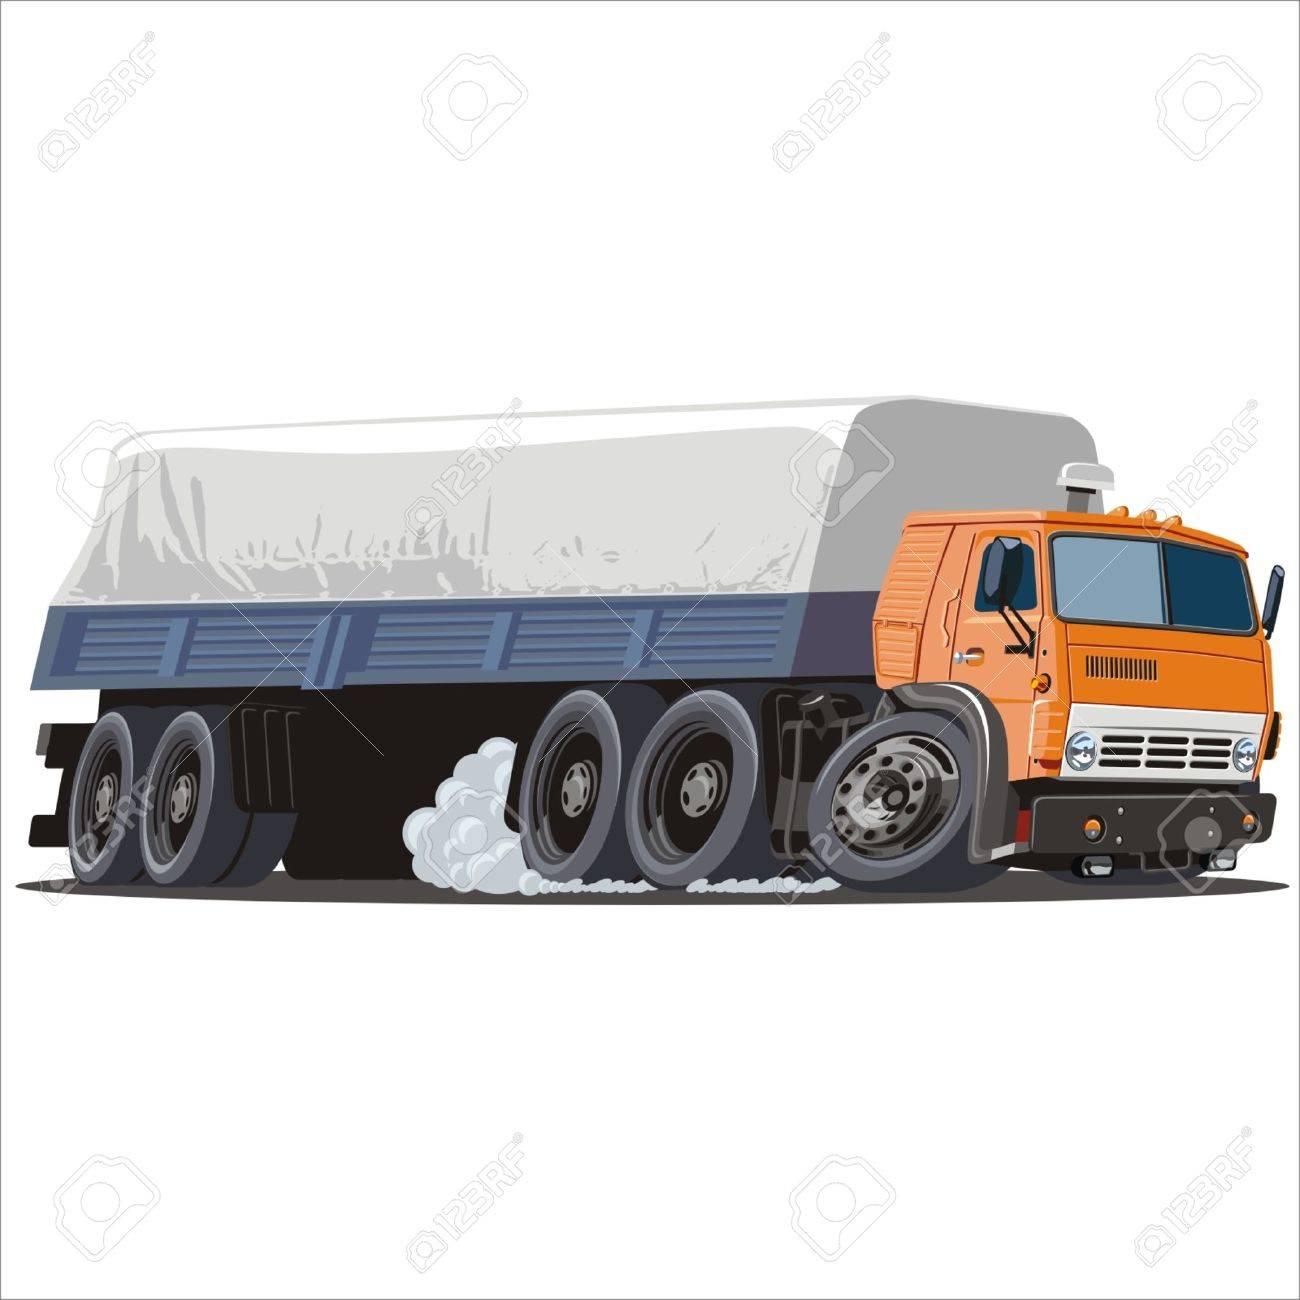 Caricaturas De Camiones. Awesome Paquete De Envo De Camiones De ...